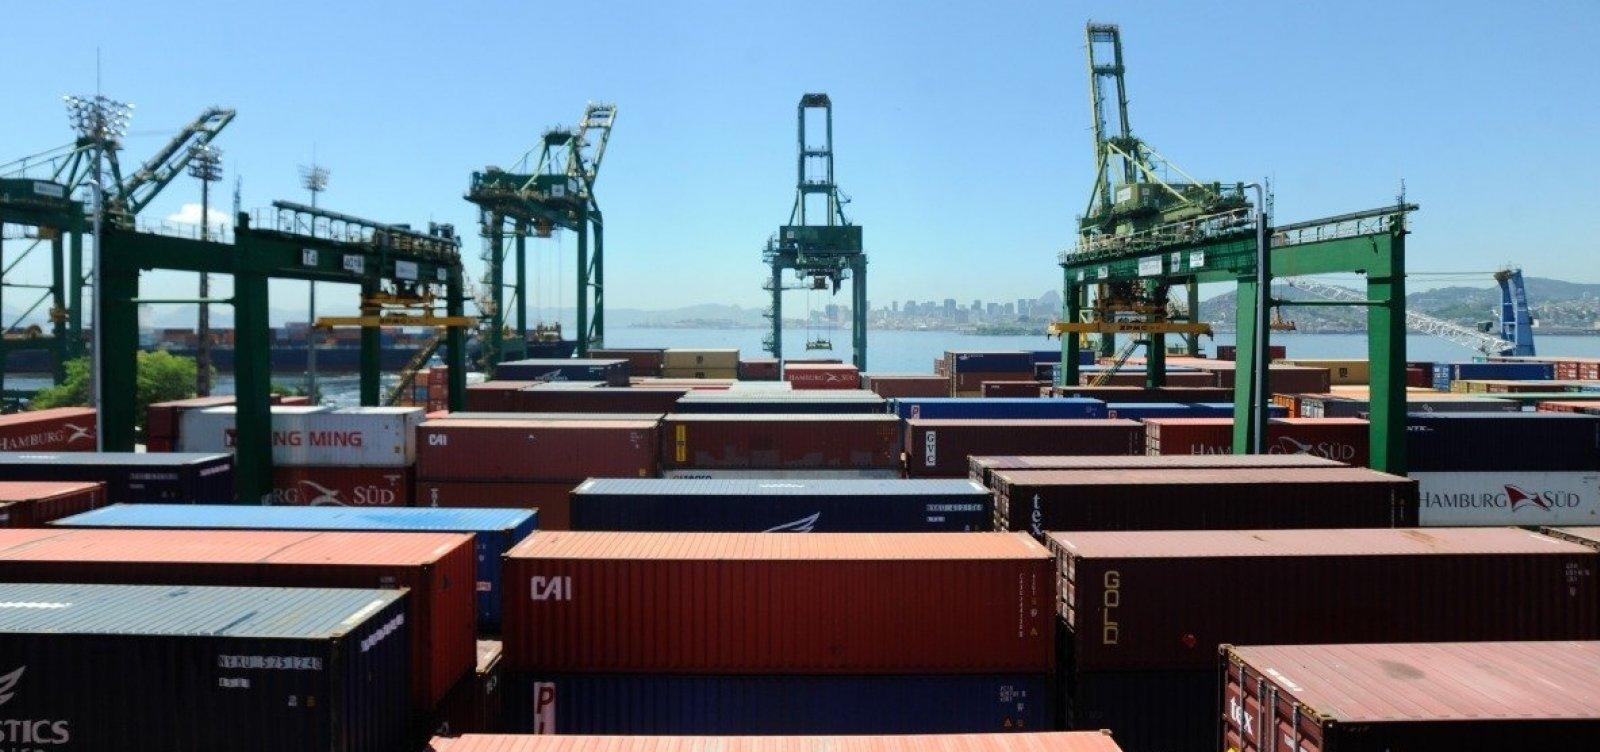 [Brasil registra queda de 10,4% em exportações em junho]